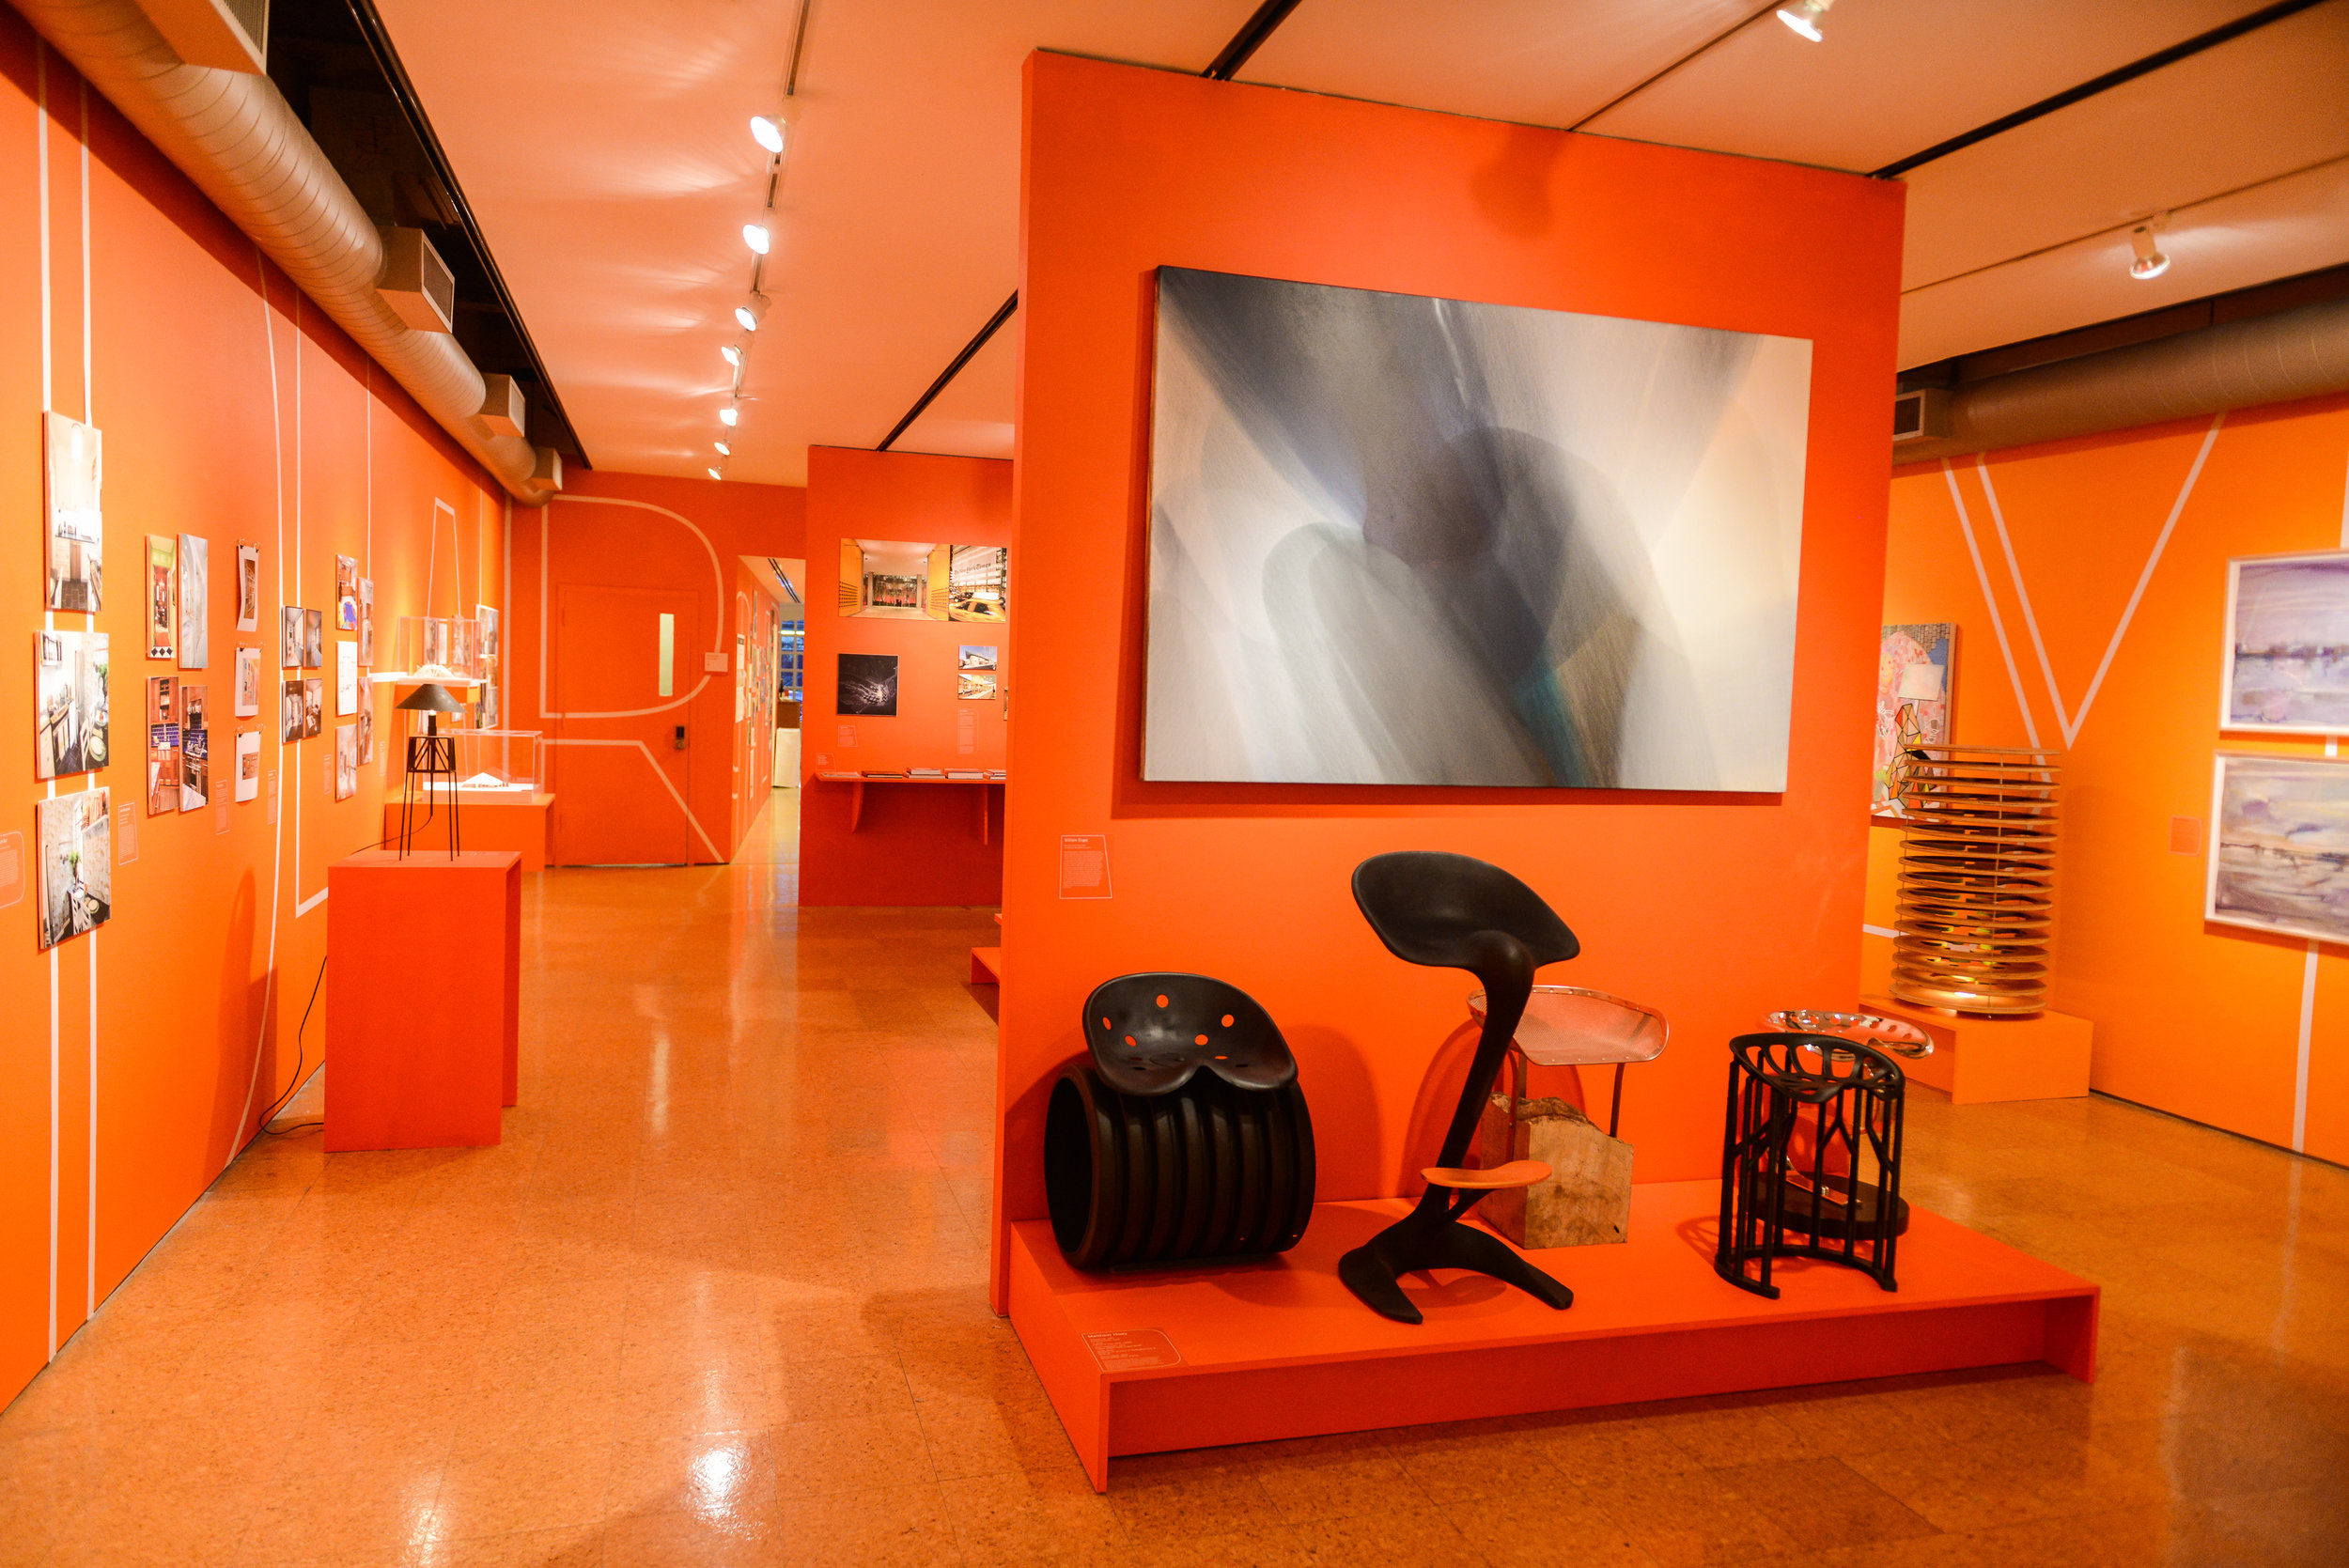 creative-scholarship-a-nysid-faculty-exhibition_36804084104_o[1].jpg